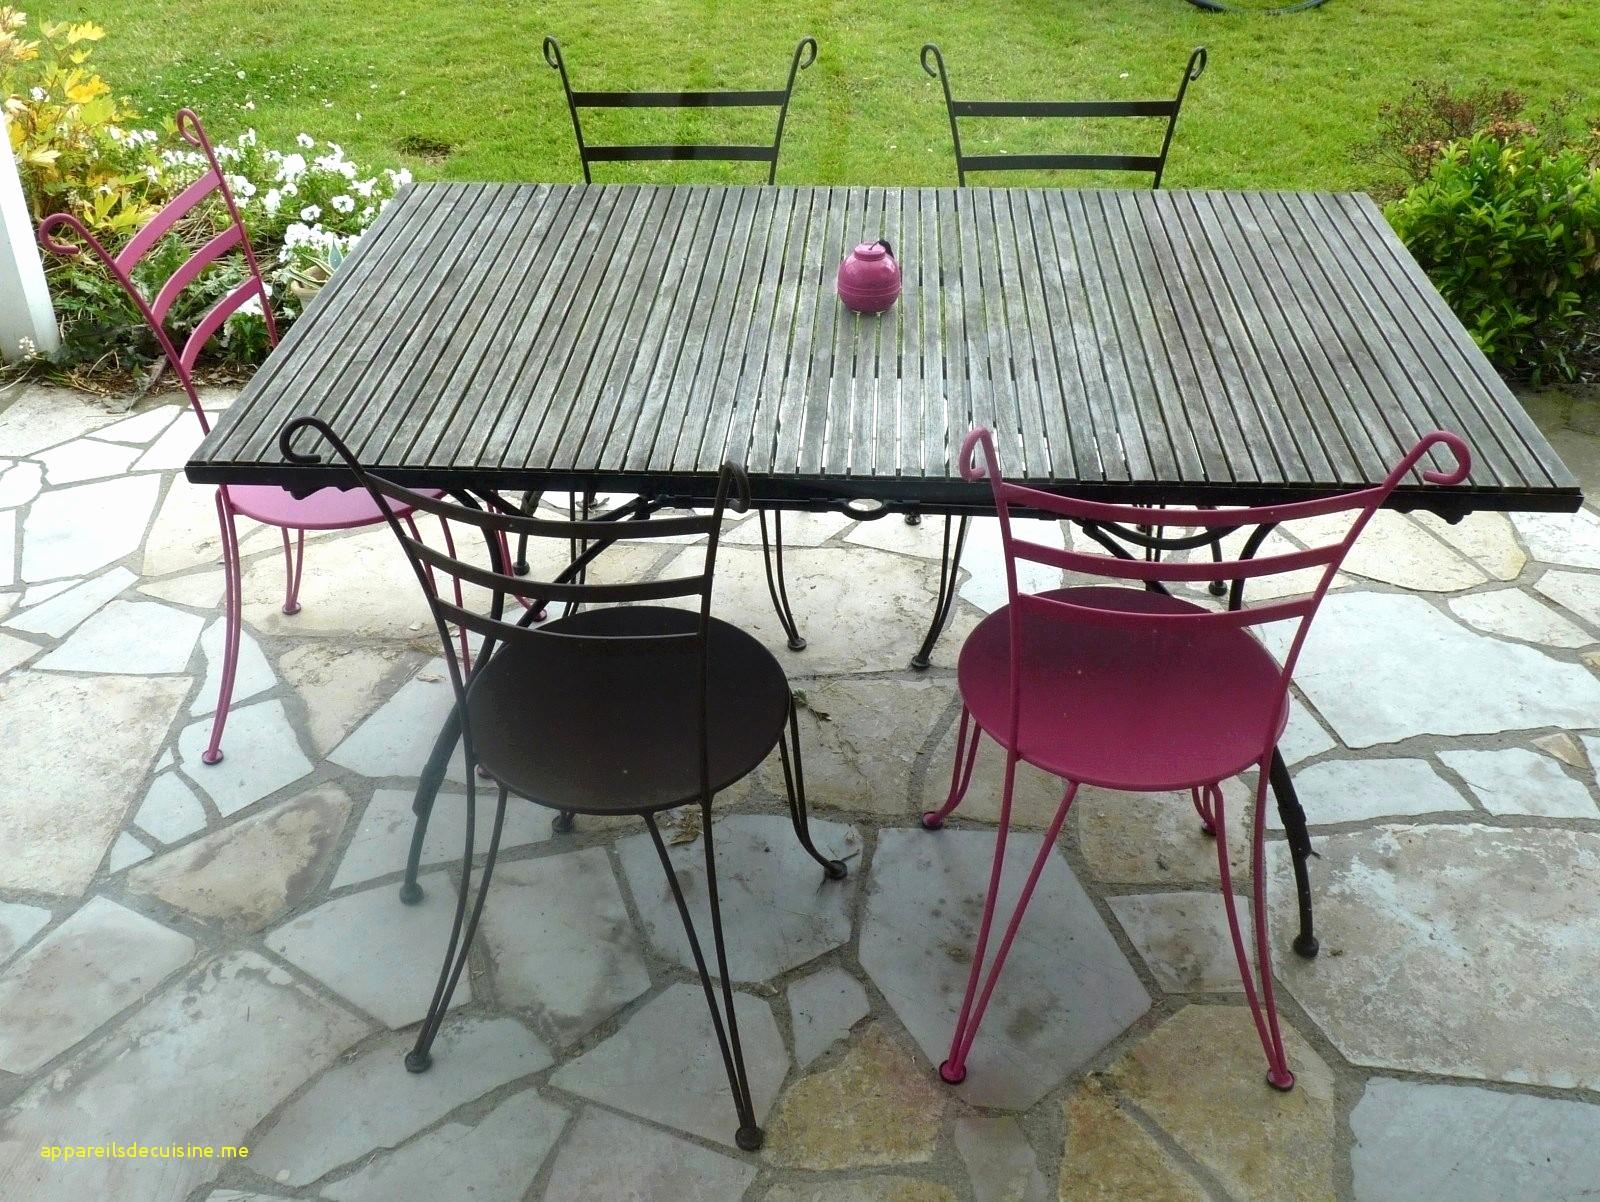 abri de jardin metal leclerc luxe chaises jardin leclerc luxe s catalogue leclerc jardin meilleur of abri de jardin metal leclerc